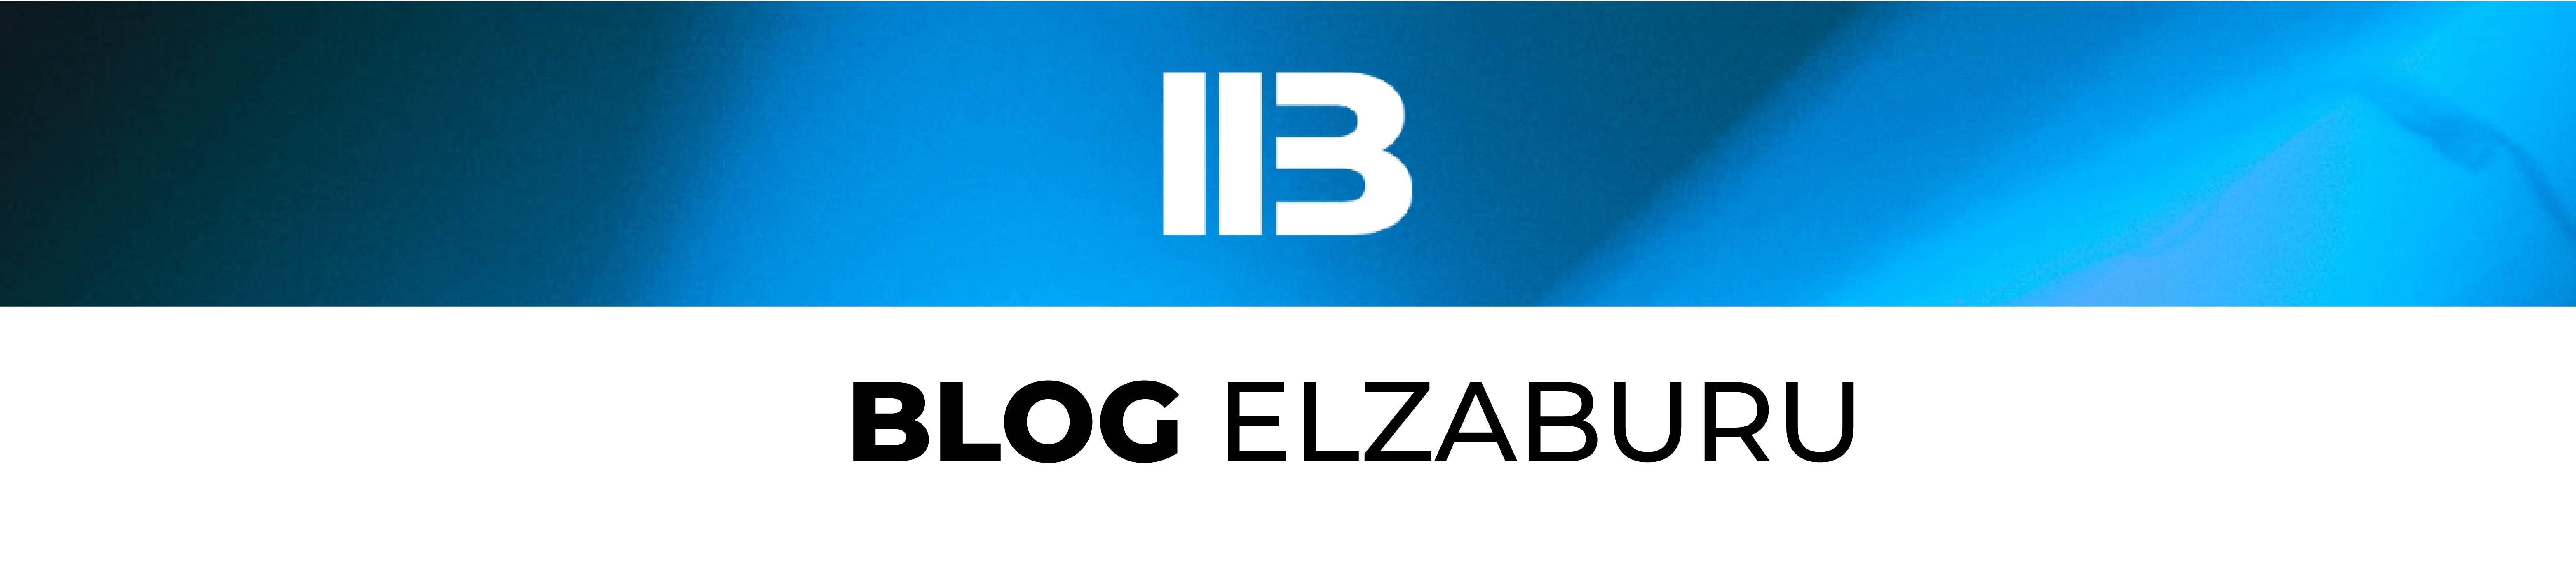 Blog de ELZABURU - Propiedad Industrial e Intelectual